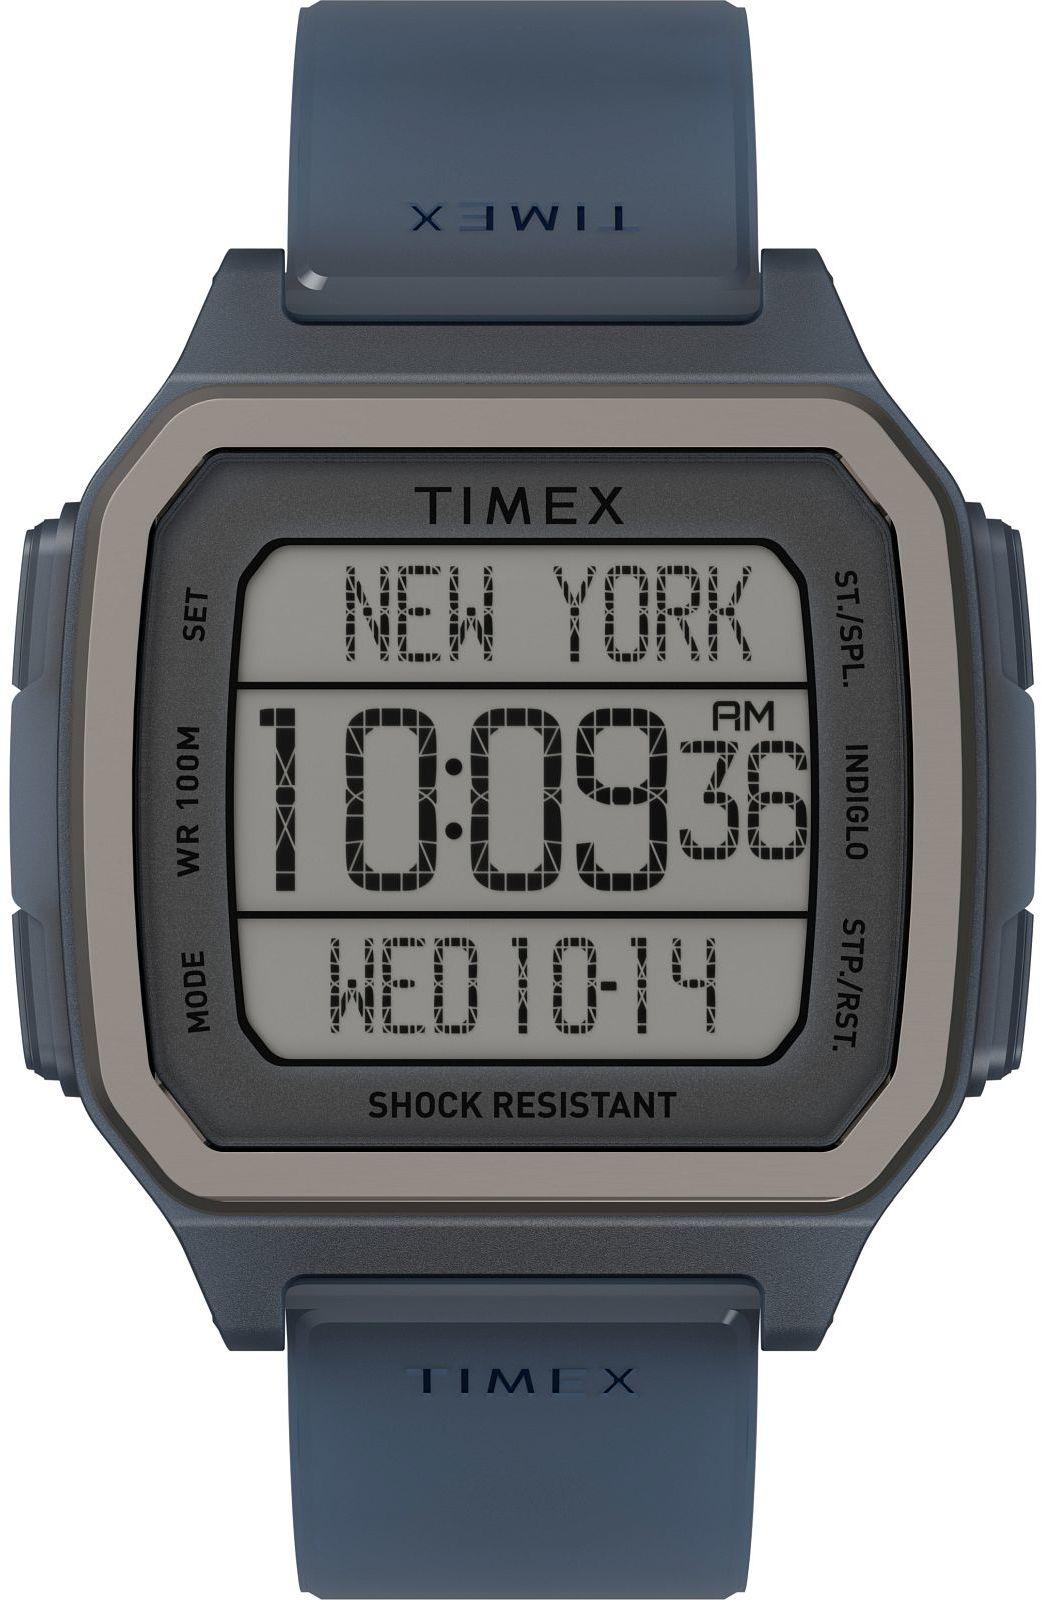 Timex TW2U56500 > Wysyłka tego samego dnia Grawer 0zł Darmowa dostawa Kurierem/Inpost Darmowy zwrot przez 100 DNI